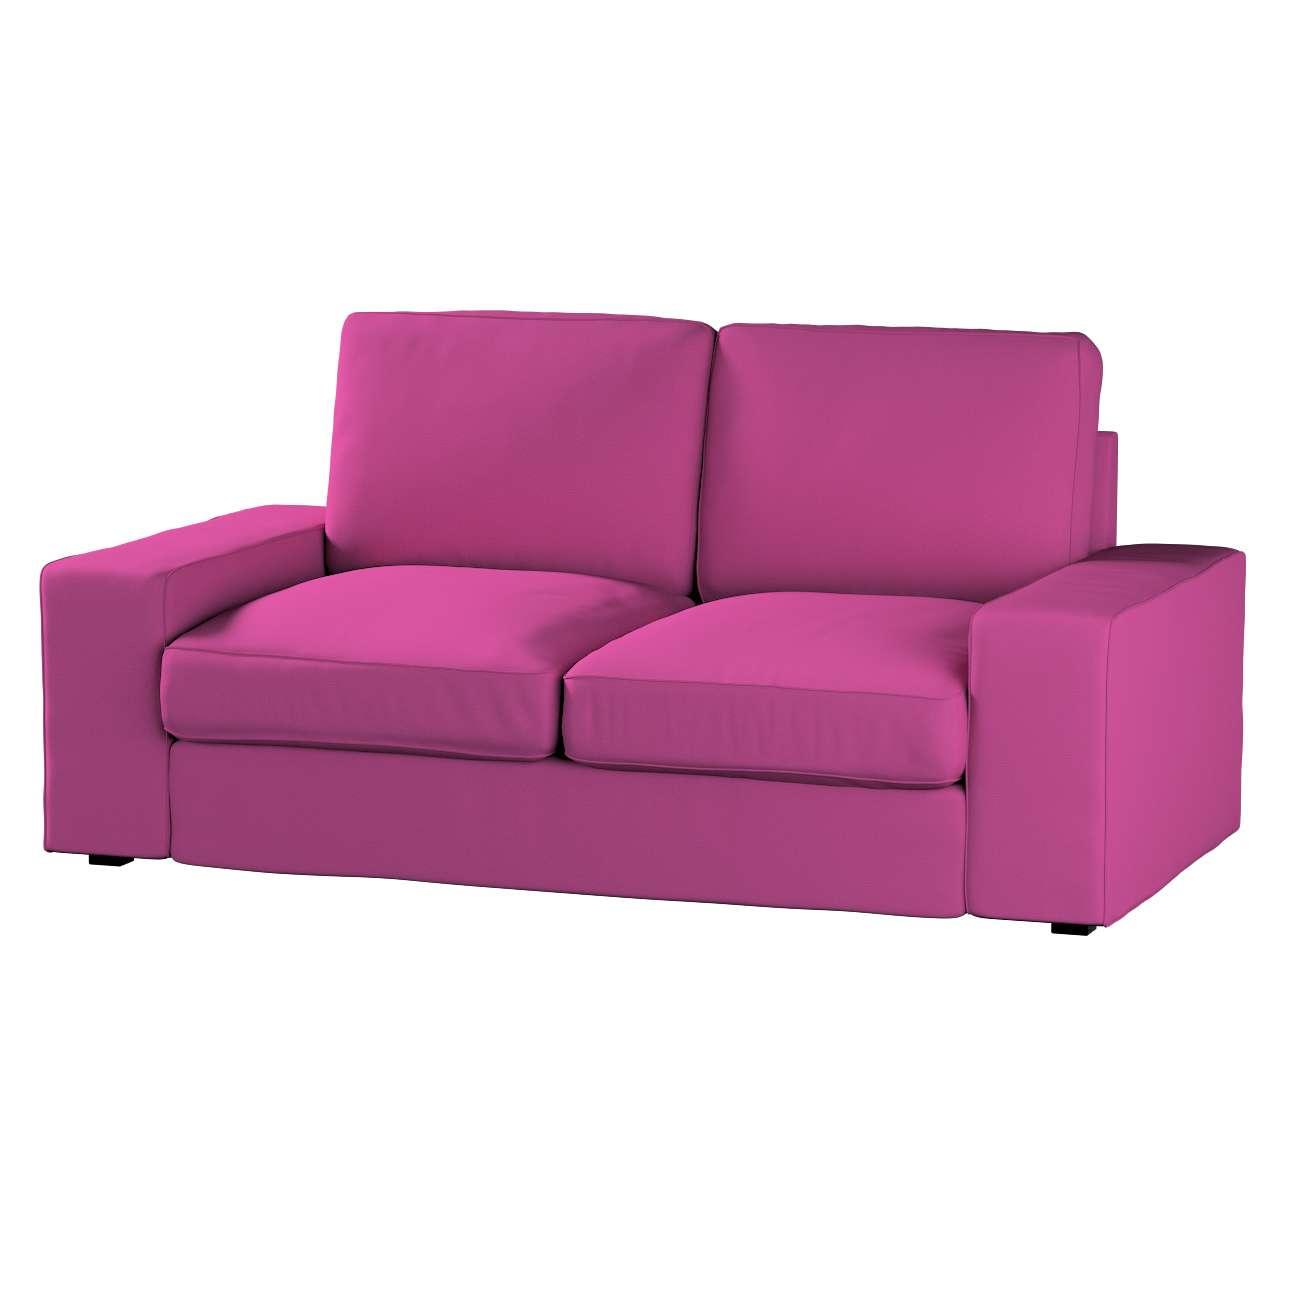 KIVIK dvivietės sofos užvalkalas Kivik 2-seat sofa kolekcijoje Etna , audinys: 705-23